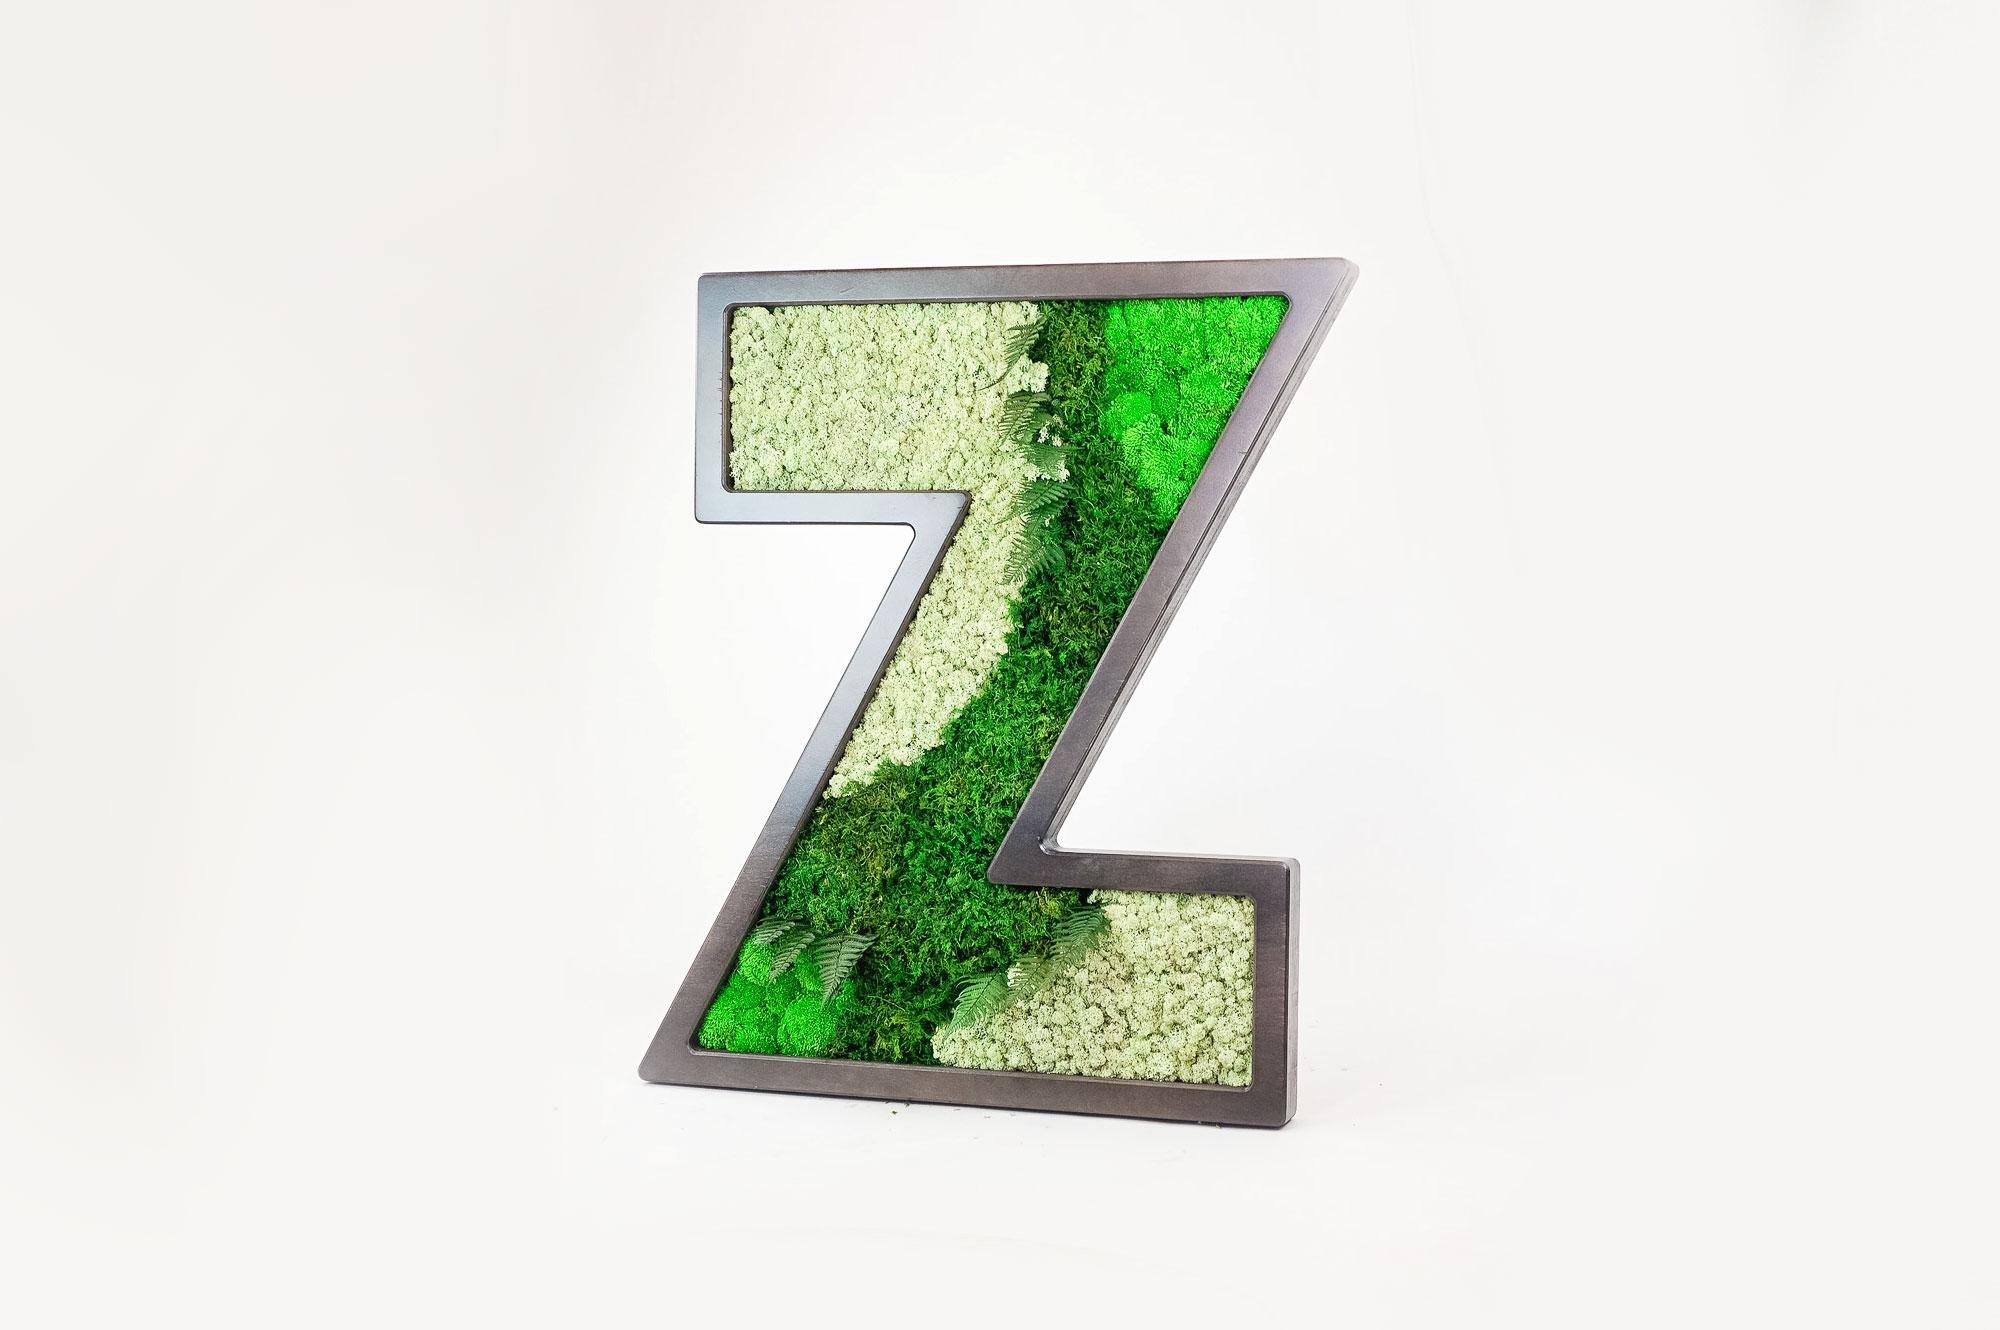 Dark wood letter filled with preserved moss art for Zumper, a full-service rental platform.